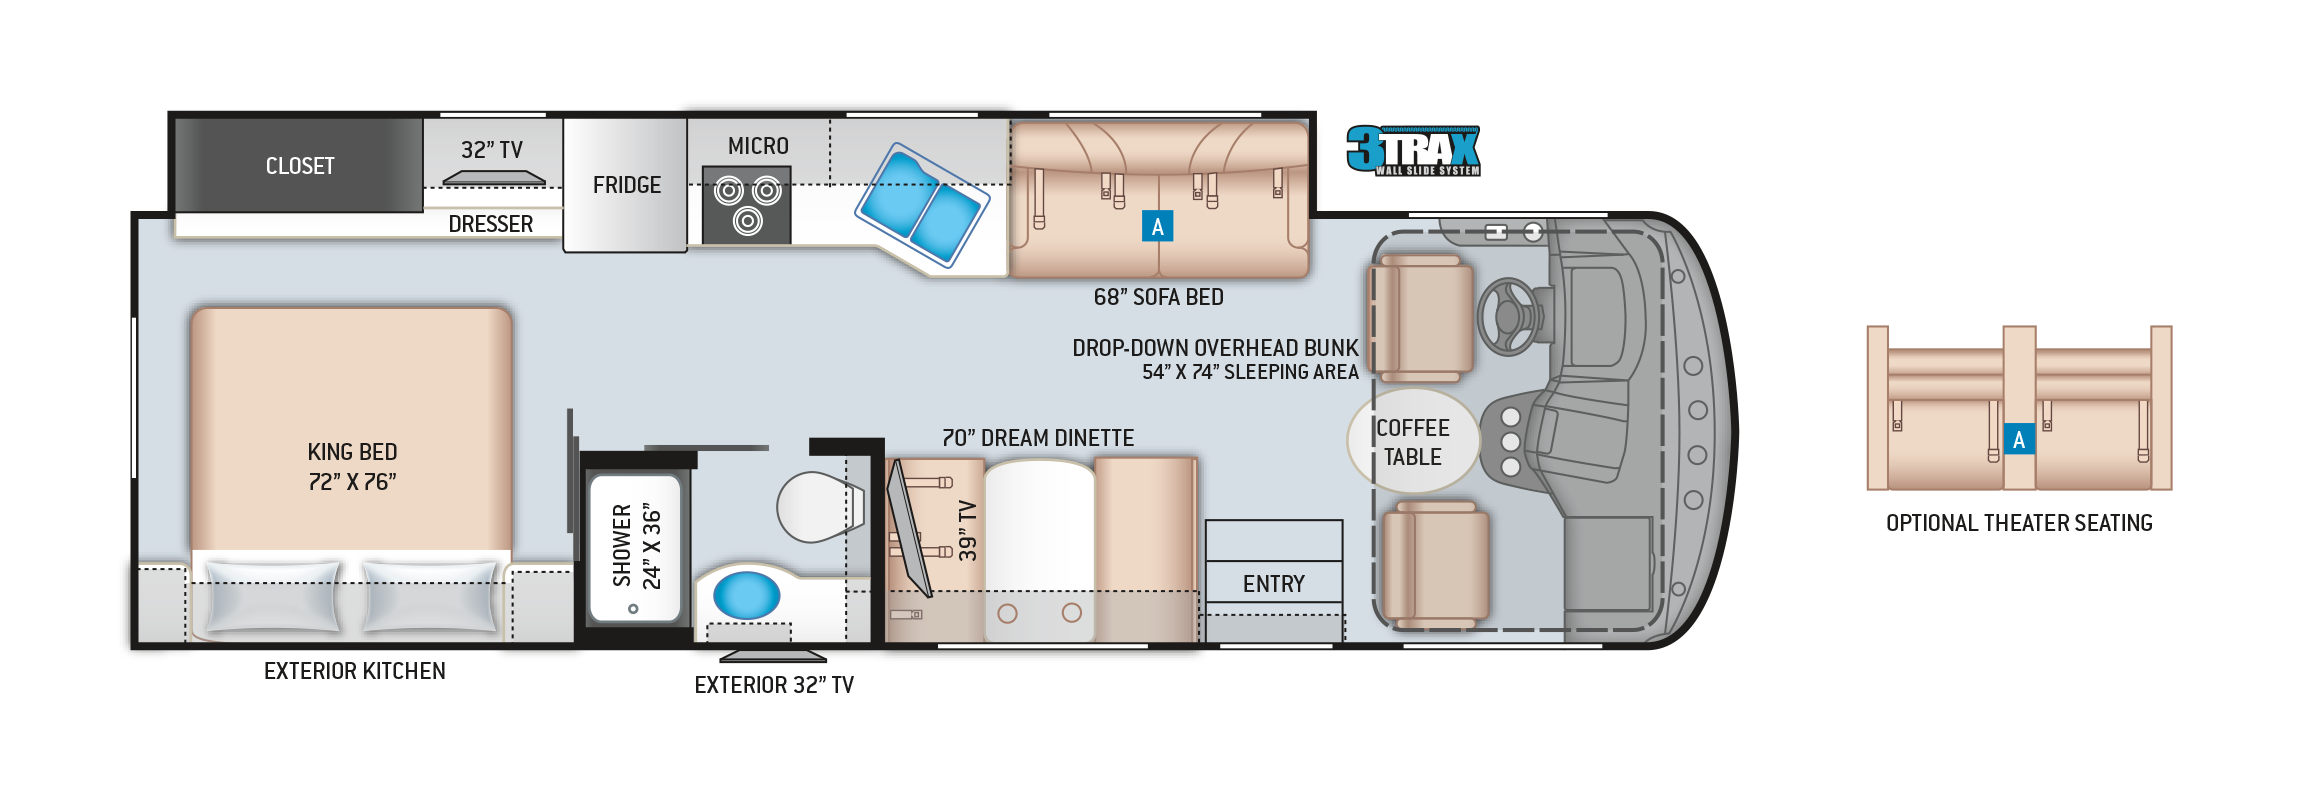 Hurricane Class A Motorhome 29M Floor Plan